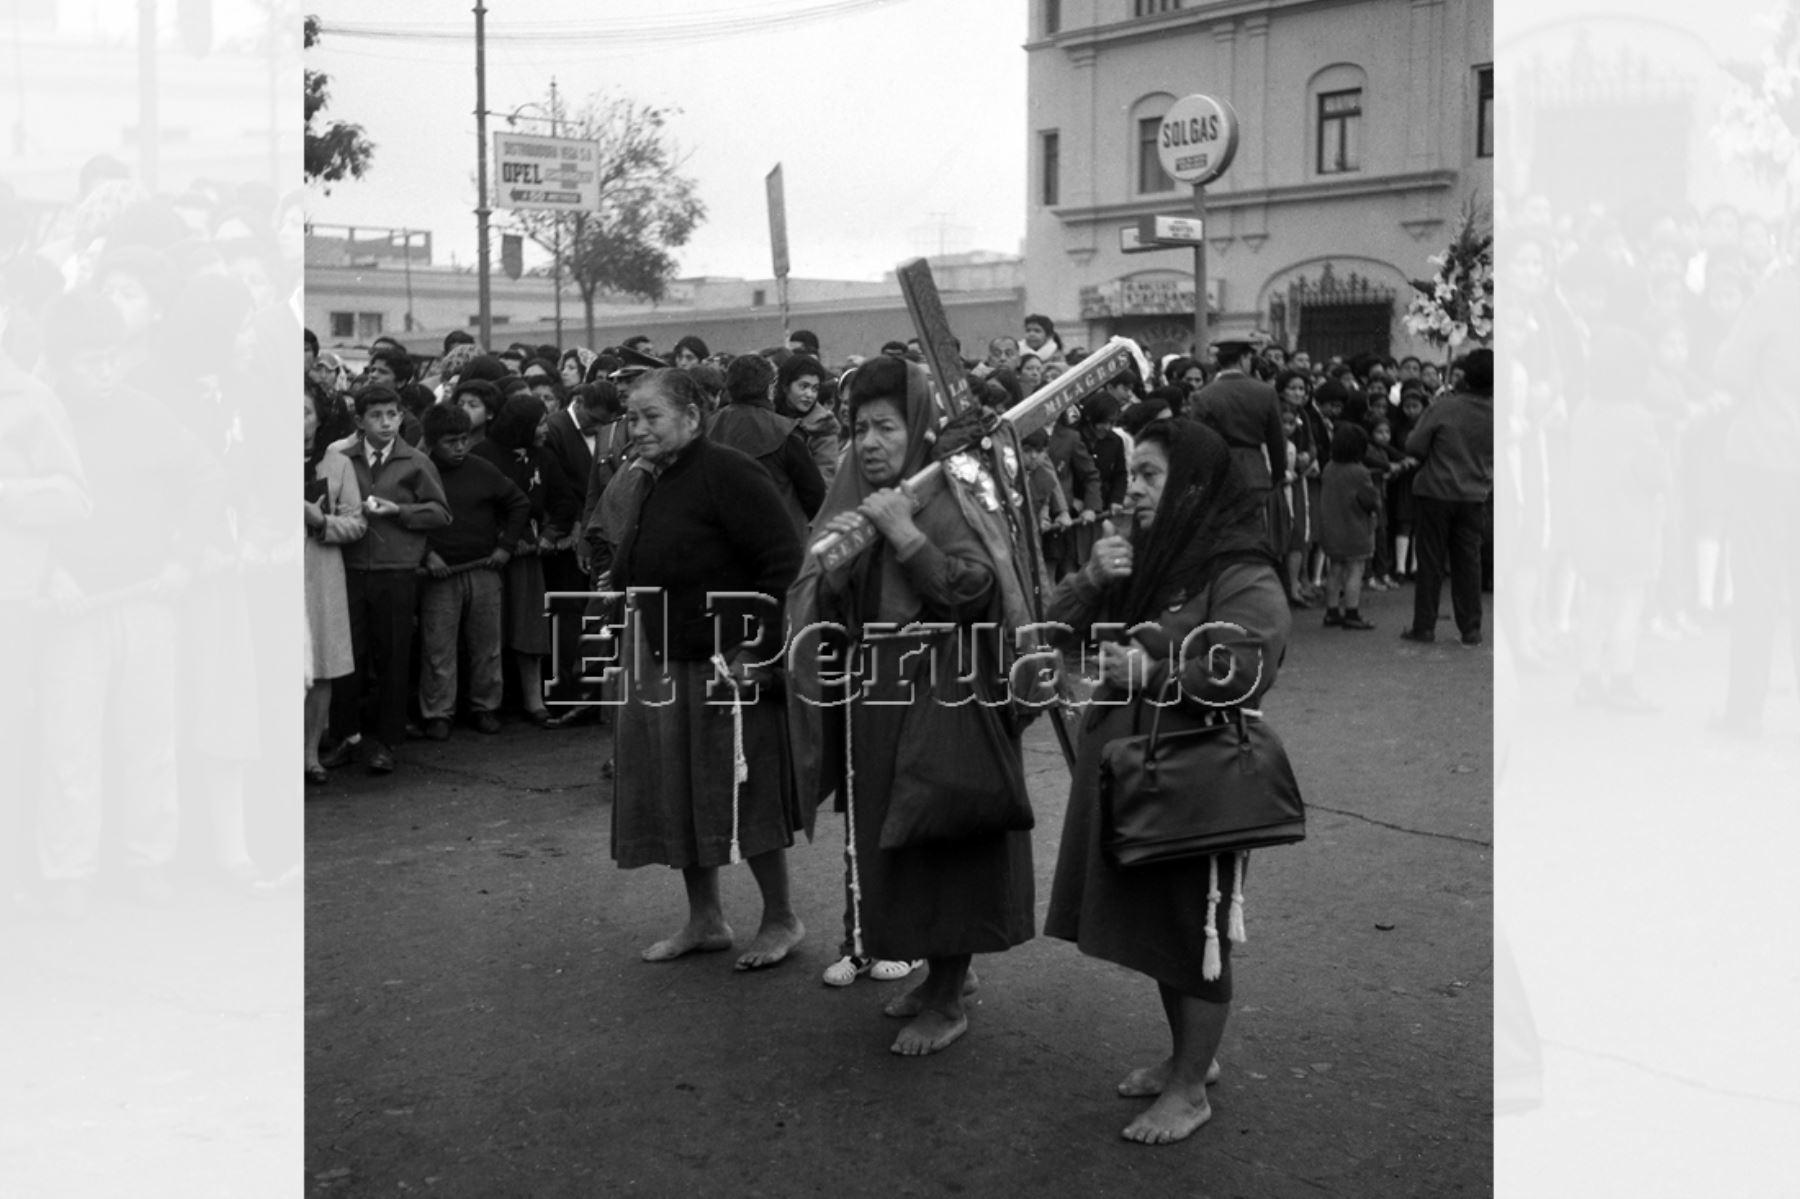 Lima - 19 de octubre 1969 / Mujeres cargan una cruz de penitencia de fieles, la sagrada imagen del Señor de los Milagros retornó de la Iglesia de la Victoria al Templo de las Nazarenas. Foto: Archivo Histórico de EL PERUANO.